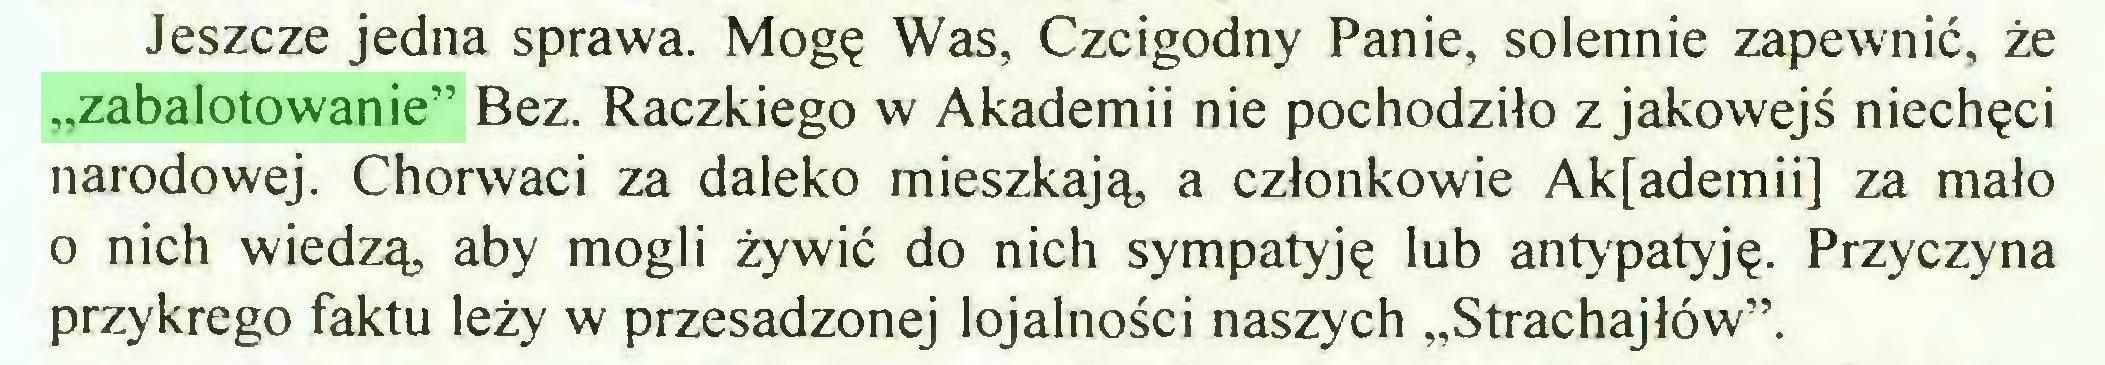 """(...) Jeszcze jedna sprawa. Mogę Was, Czcigodny Panie, solennie zapewnić, że """"zabalotowanie"""" Bez. Raczkiego w Akademii nie pochodziło z jakowejś niechęci narodowej. Chorwaci za daleko mieszkają, a członkowie Ak[ademii] za mało o nich wiedzą, aby mogli żywić do nich sympatyję lub antypatyję. Przyczyna przykrego faktu leży w przesadzonej lojalności naszych """"Strachajłów""""..."""